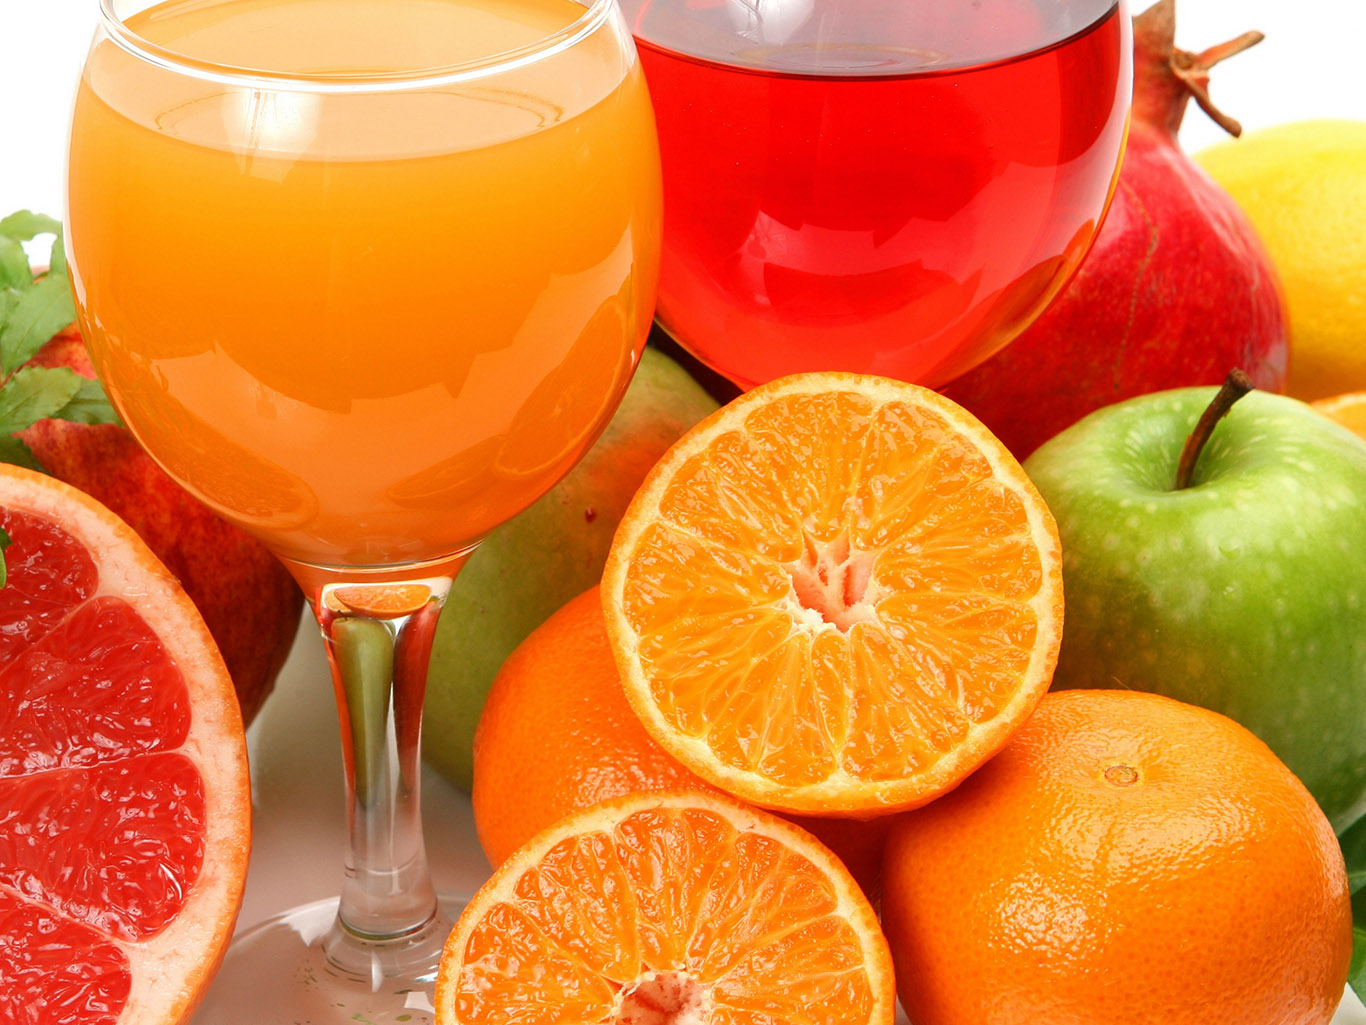 лимоны, грейпфруты, апельсины